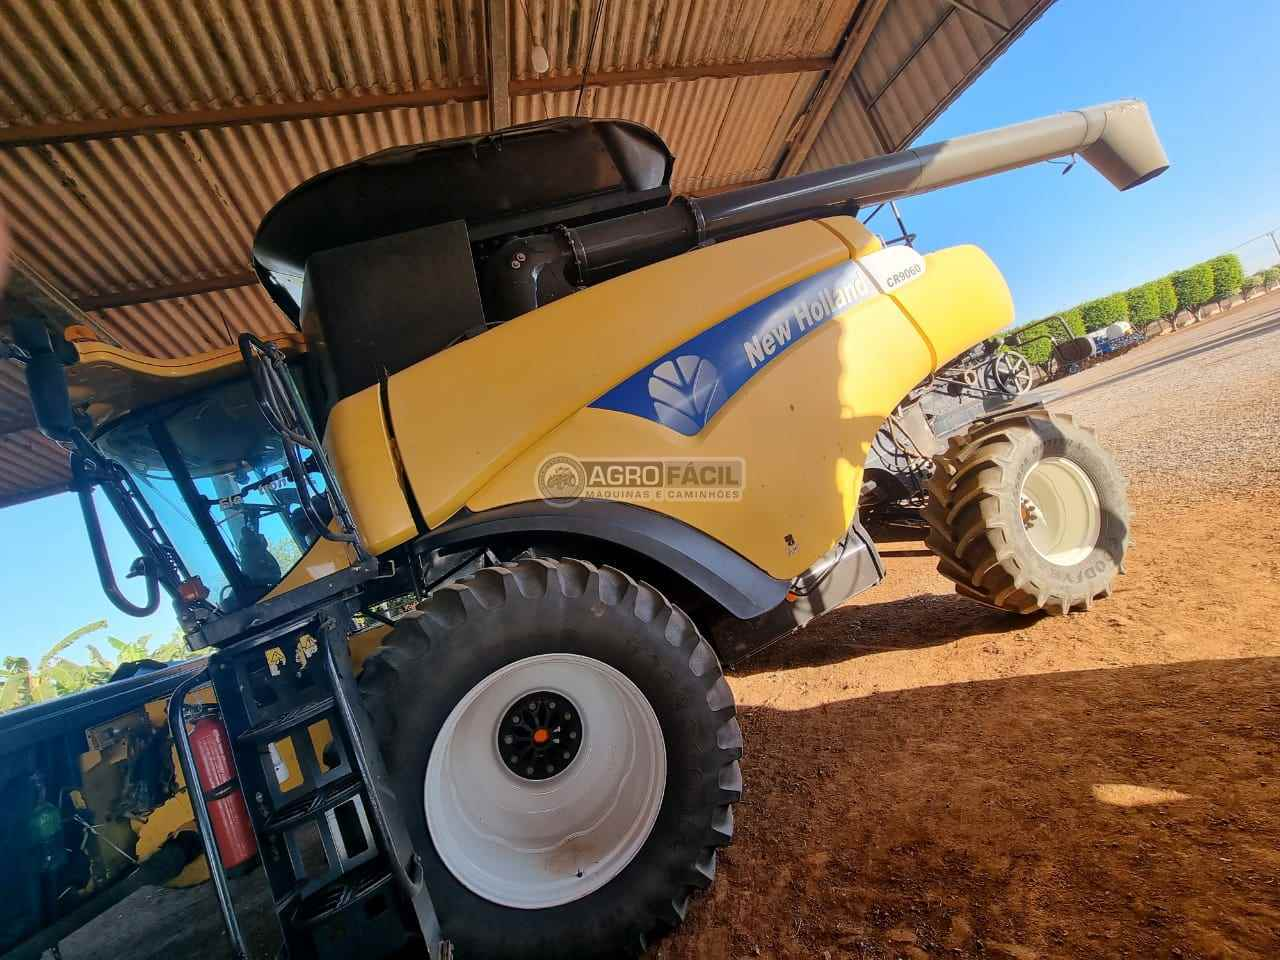 COLHEITADEIRA NEW HOLLAND CR 9060 Agro Fácil Máquinas PRIMAVERA DO LESTE MATO GROSSO MT